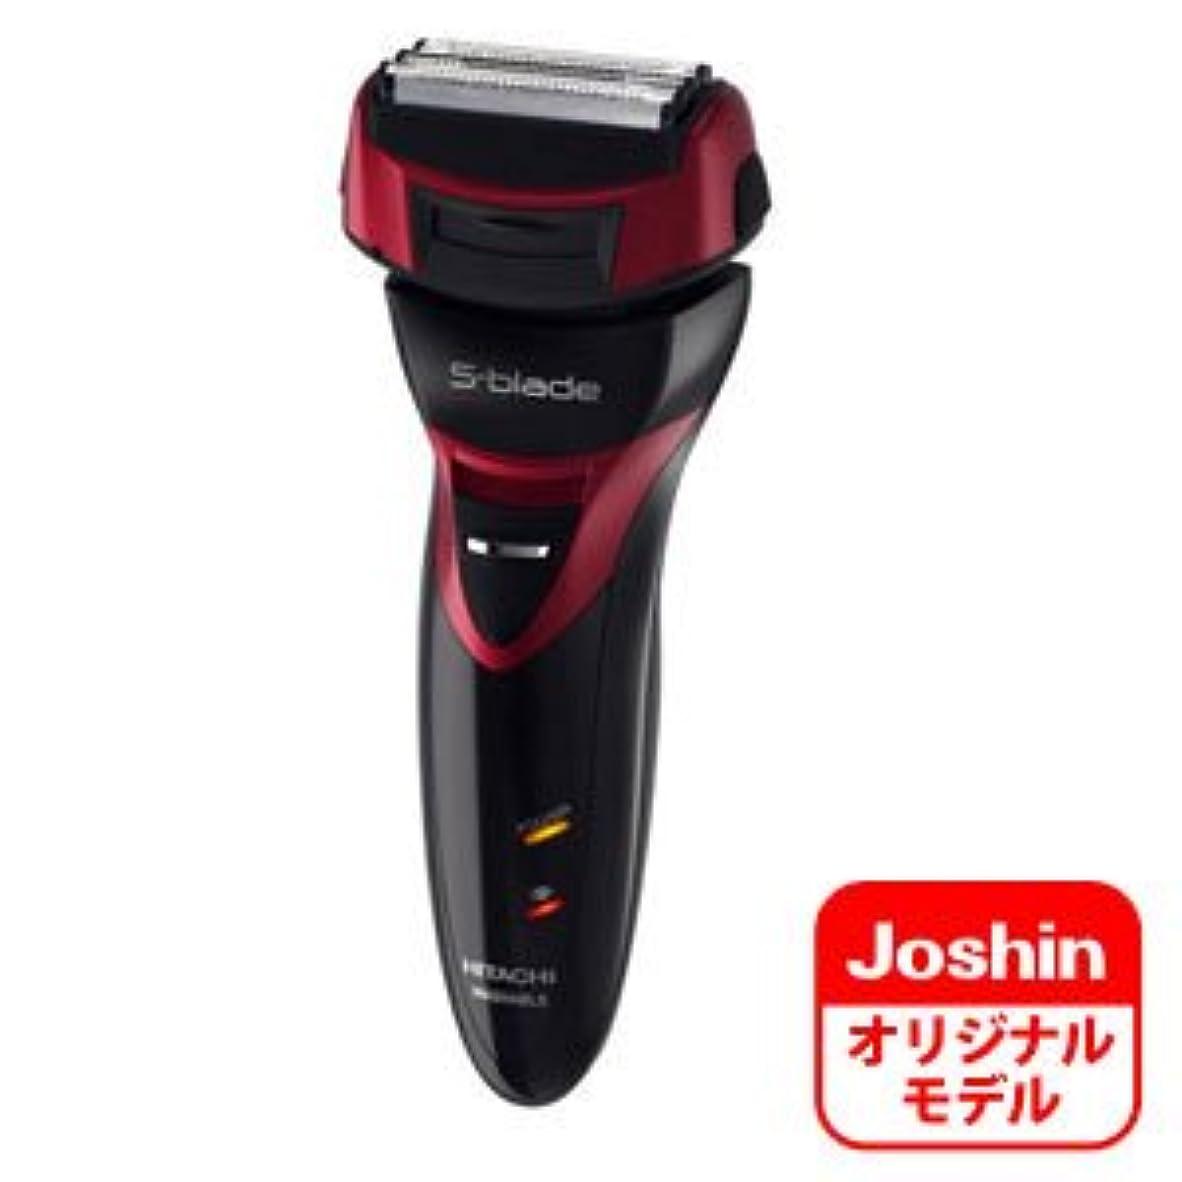 アクション配当息切れ日立 メンズシェーバー(ディープレッド)HITACHI S-blade(エスブレード)【4枚刃】RM-F413のJoshinオリジナルモデル RM-F16J-R